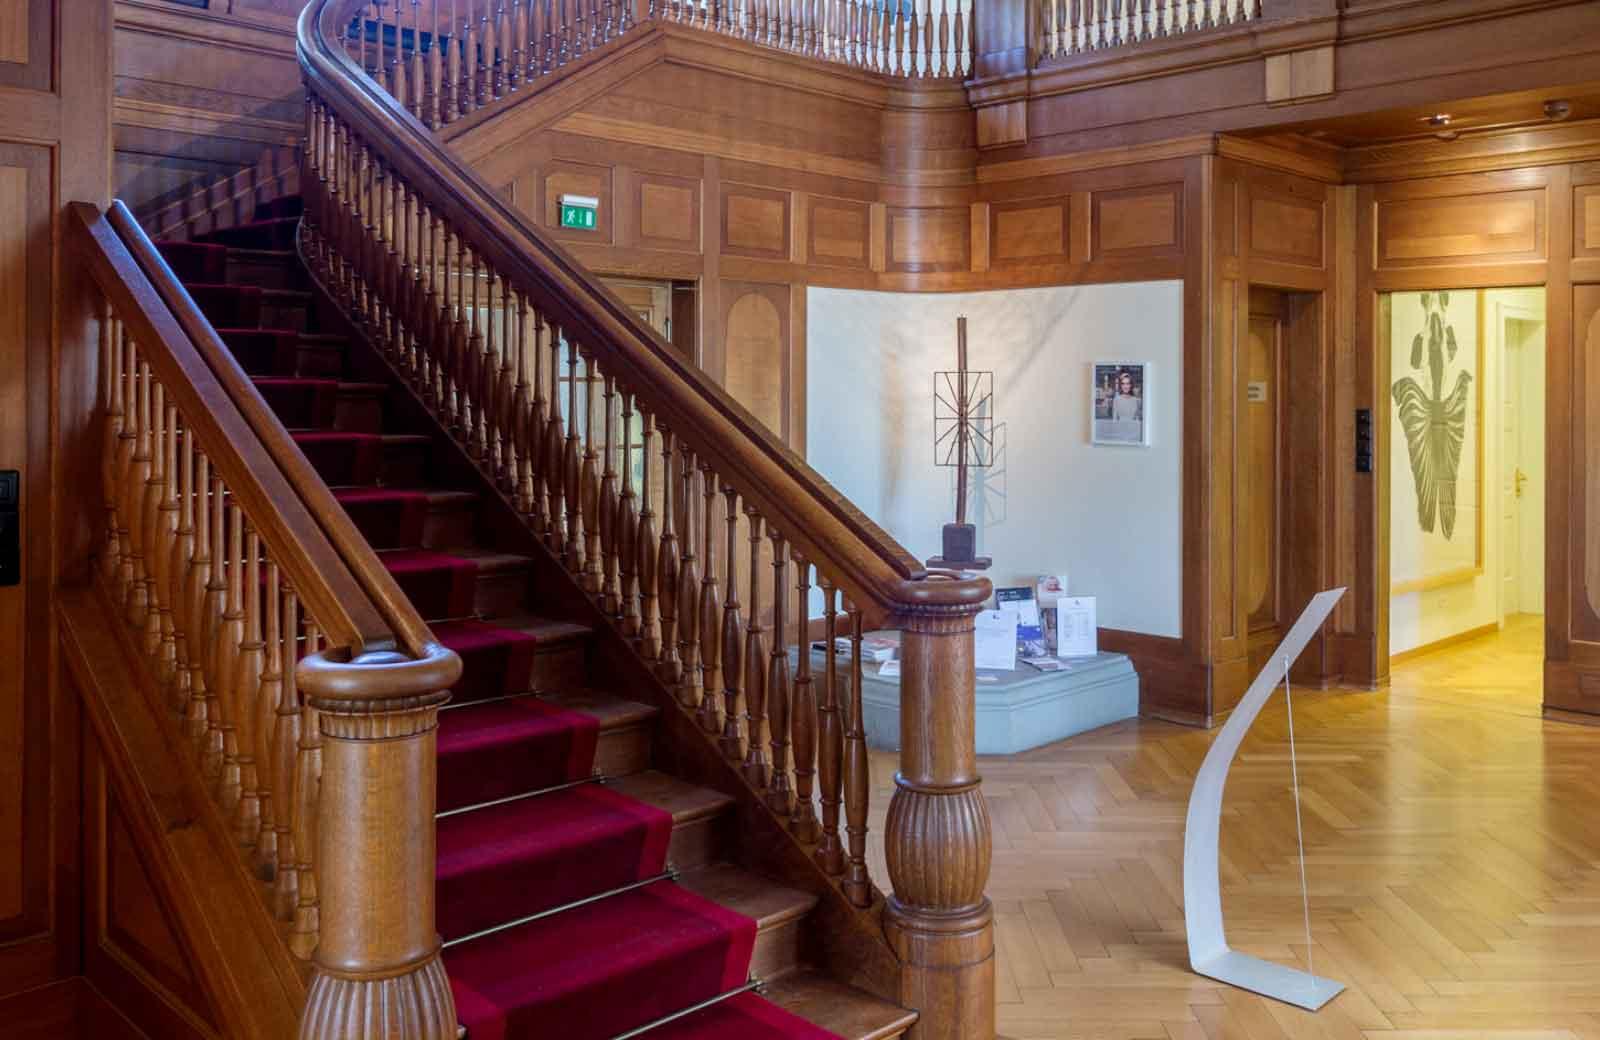 Spiegel Treppen home klinik im spiegel